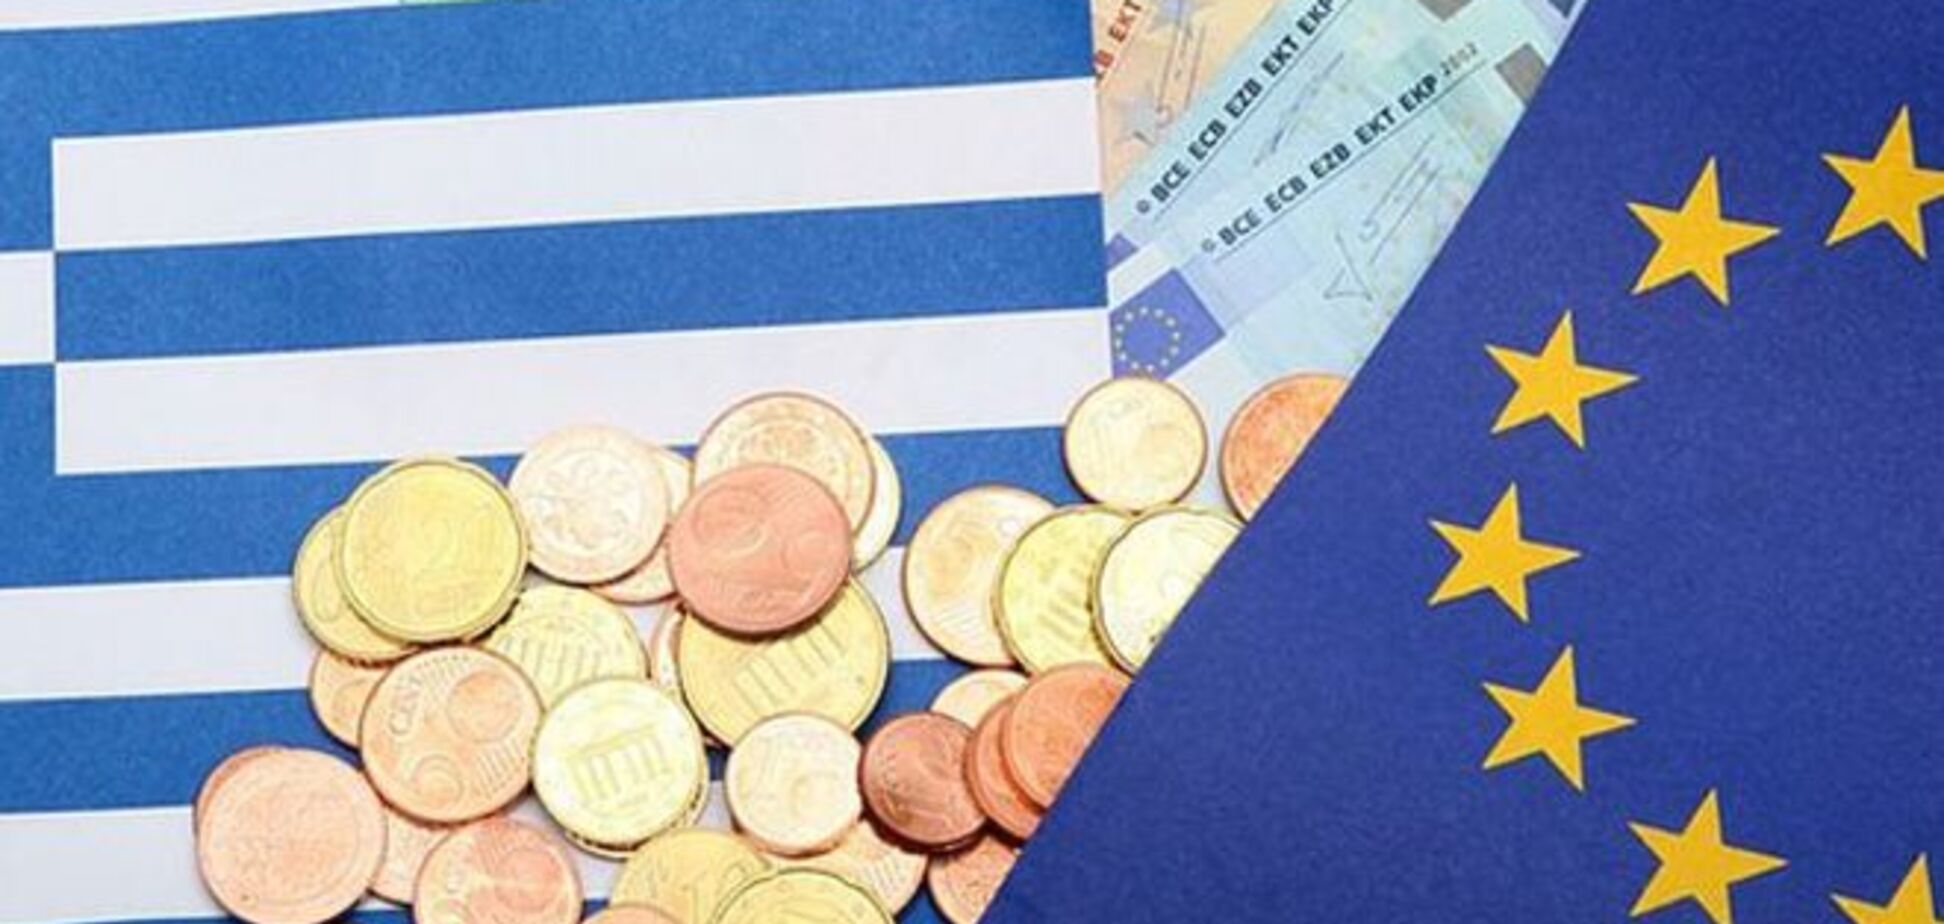 Один в поле не воин: СМИ сообщили, что Греция уступила кредиторам